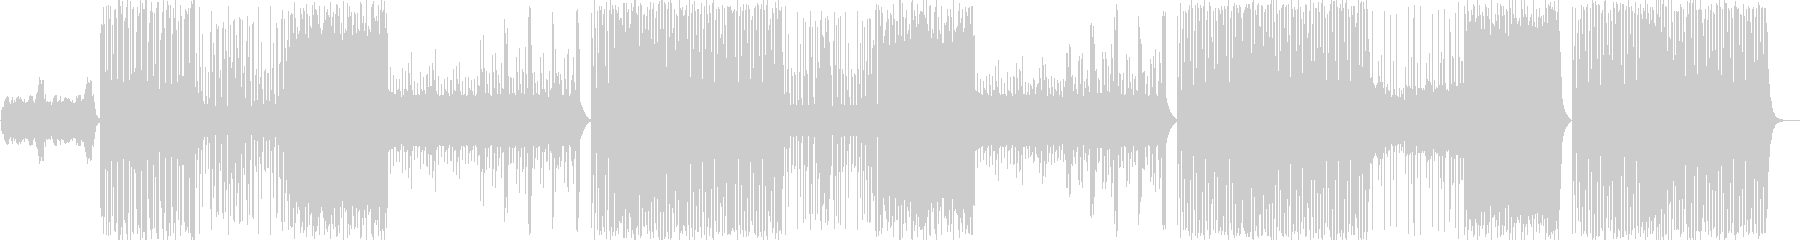 ヒップホップ/クランク/三味線/和#2の未再生の波形